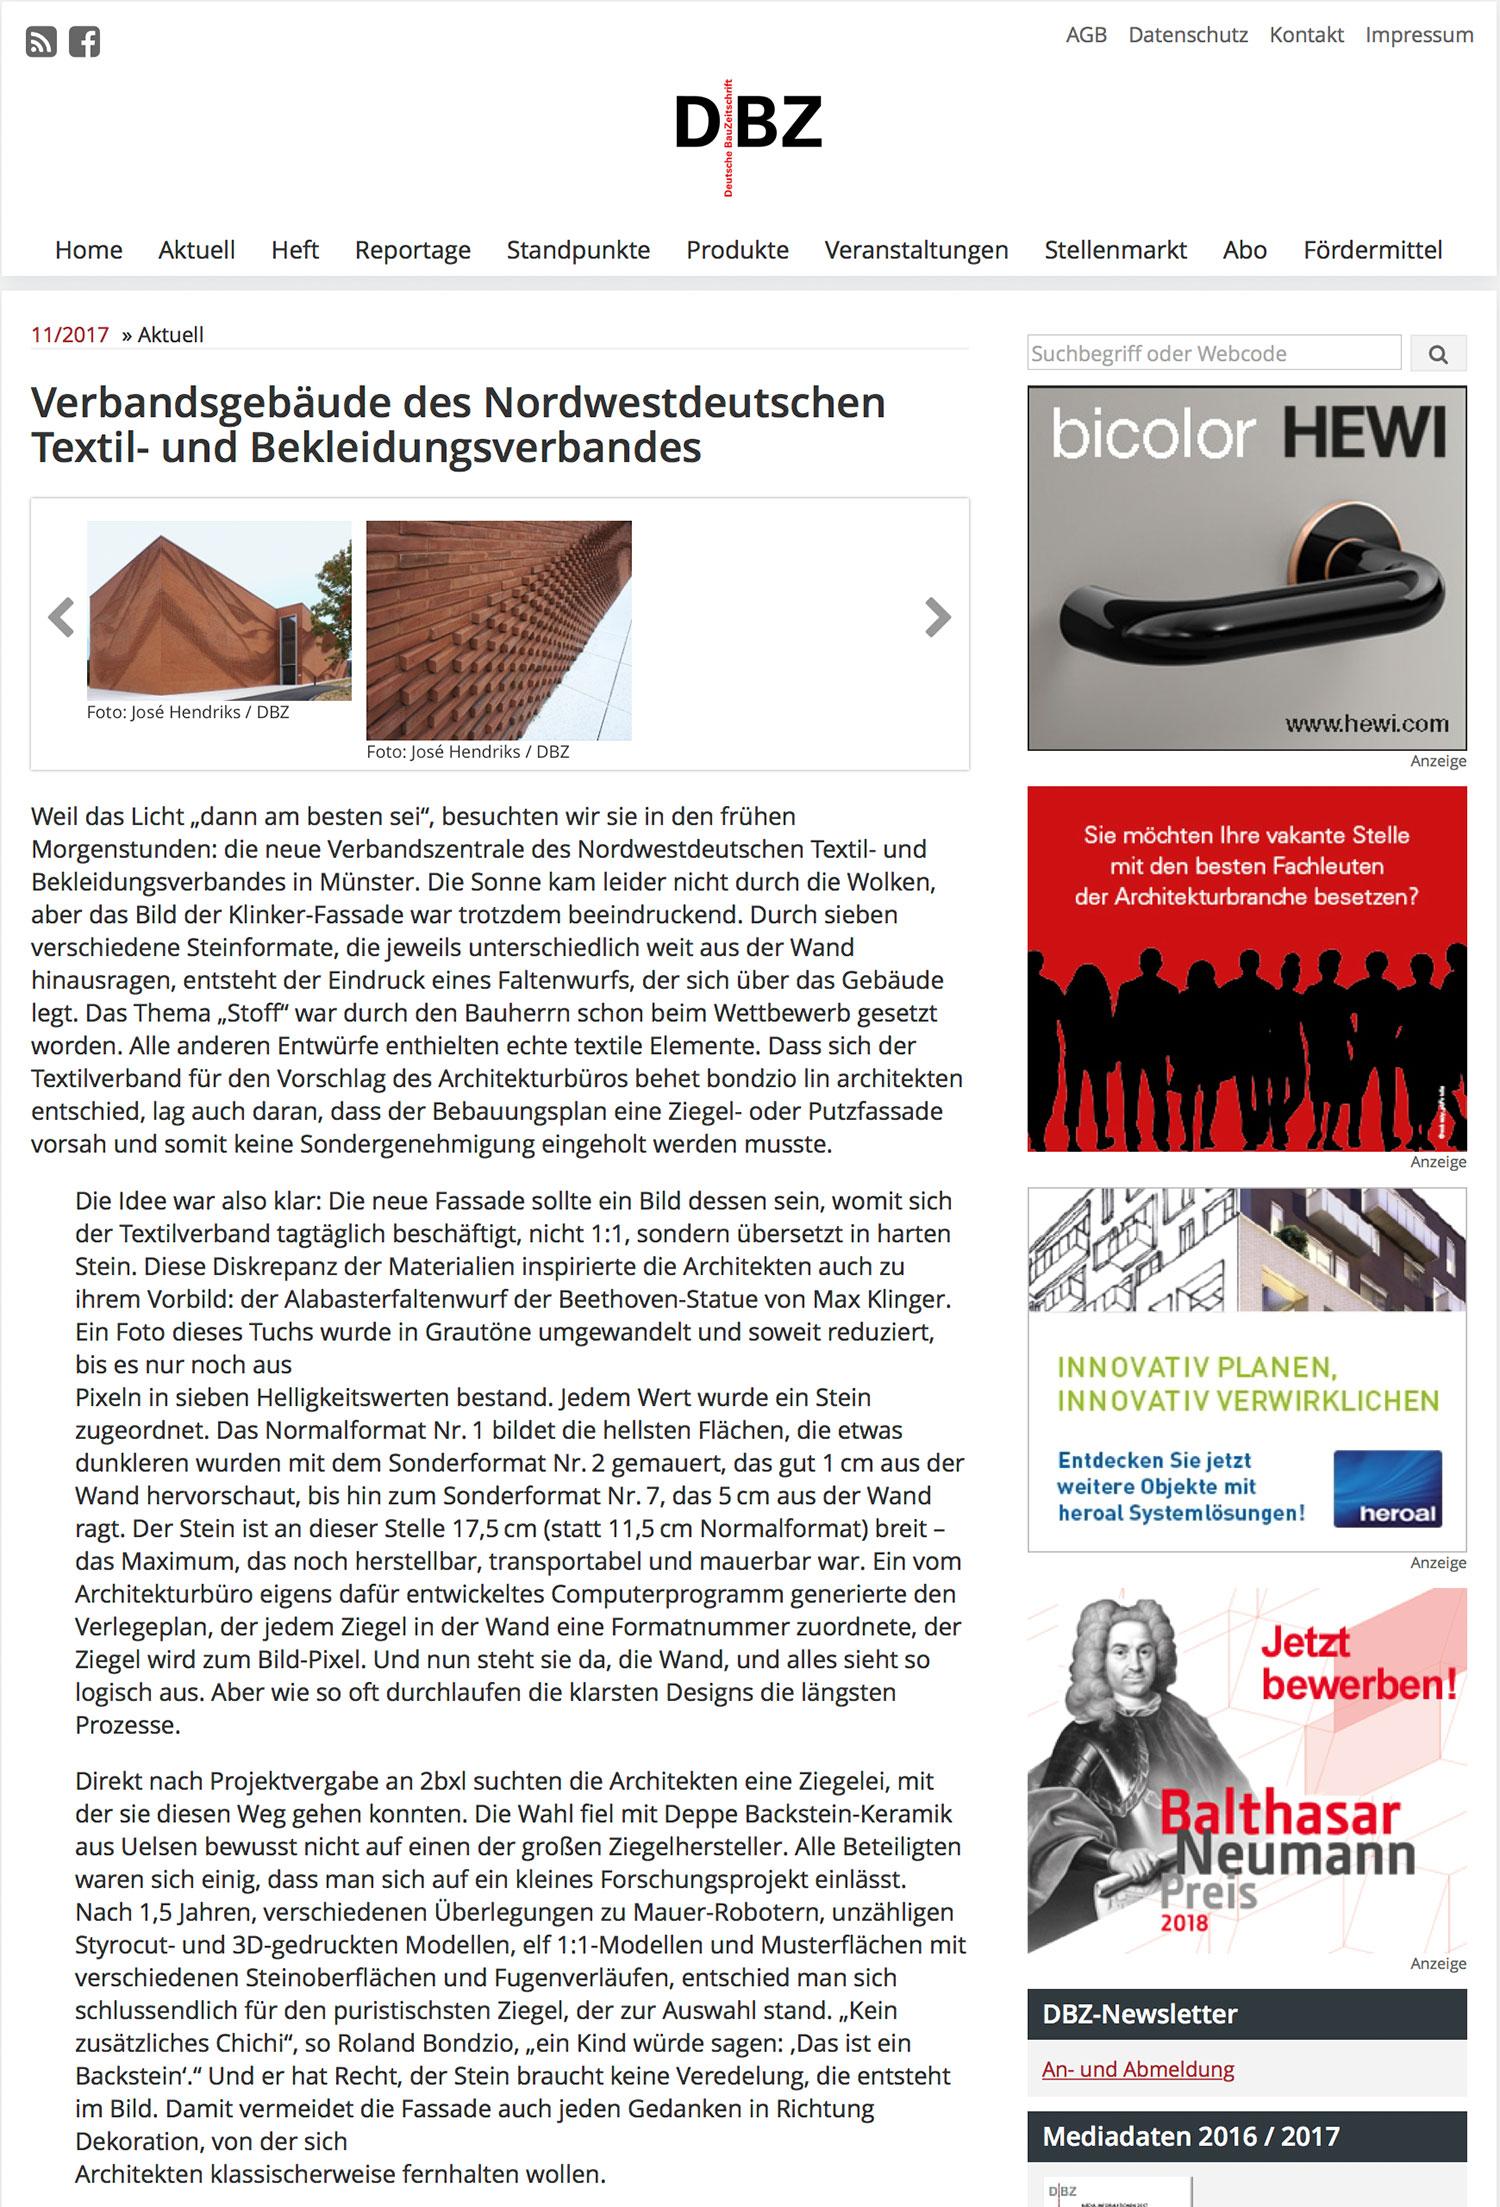 textilverband-dbz-behet-bondzio-lin-architekten.jpg